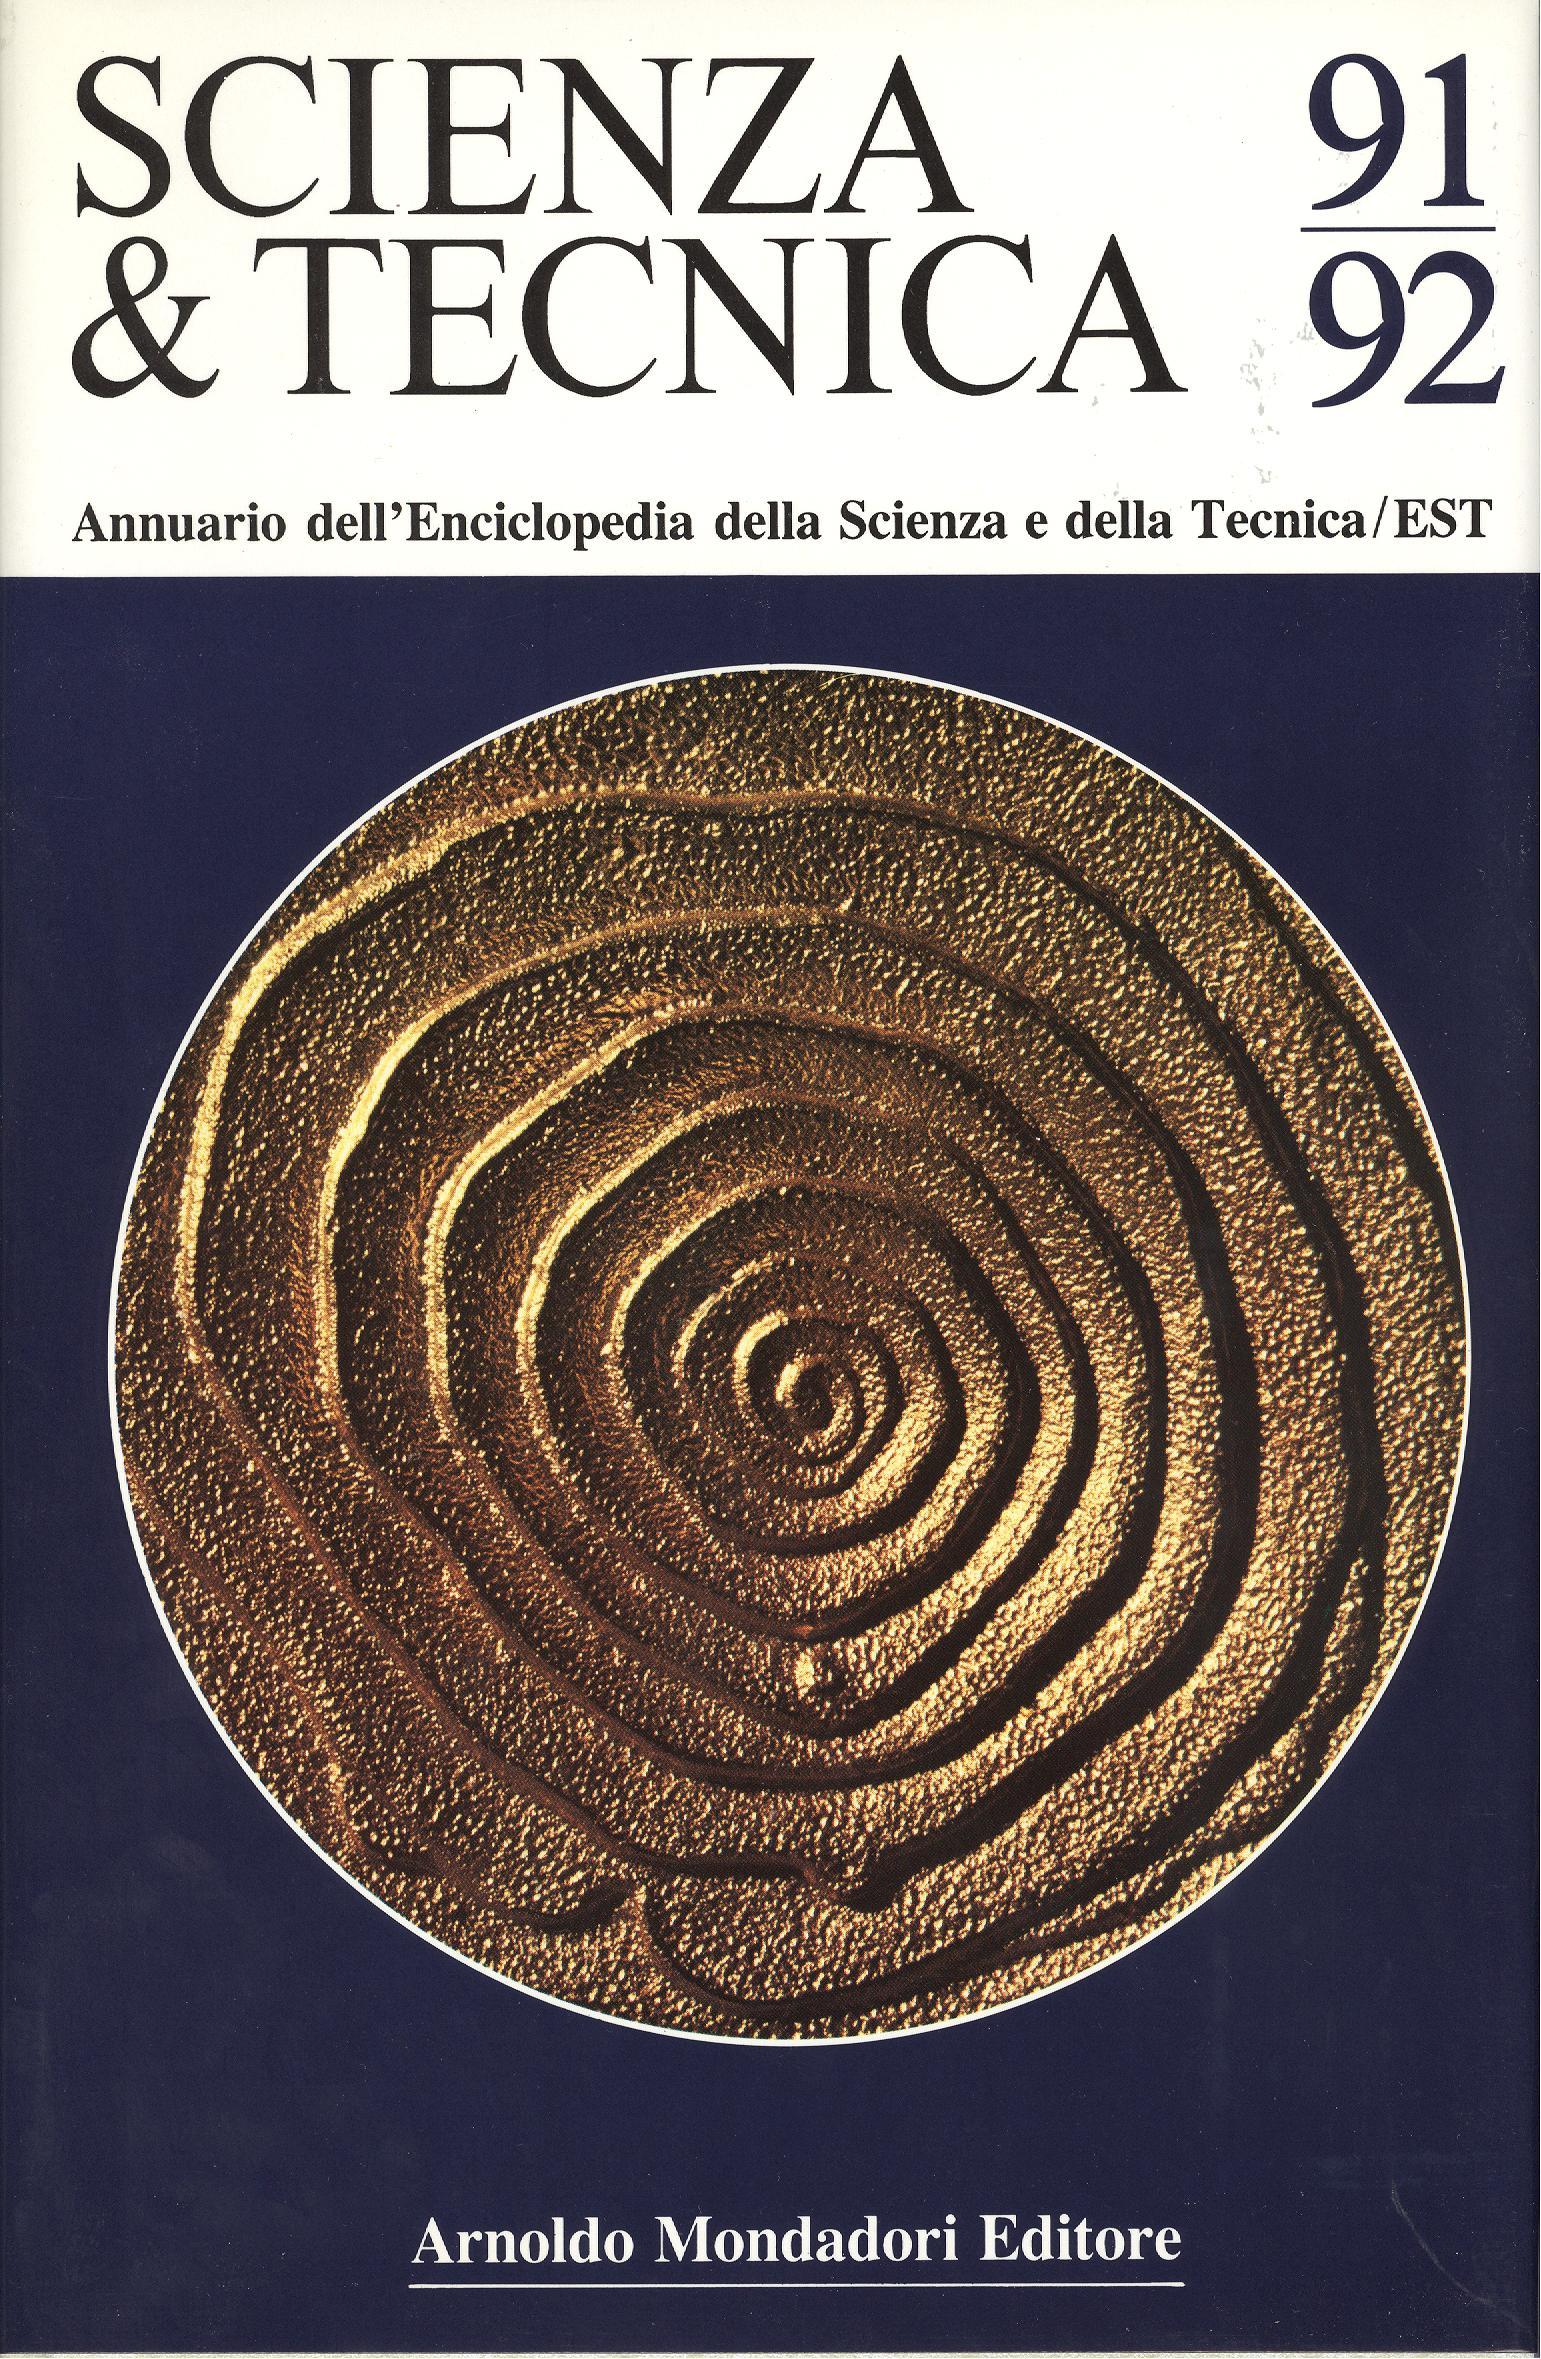 Scienza & Tecnica 91-92